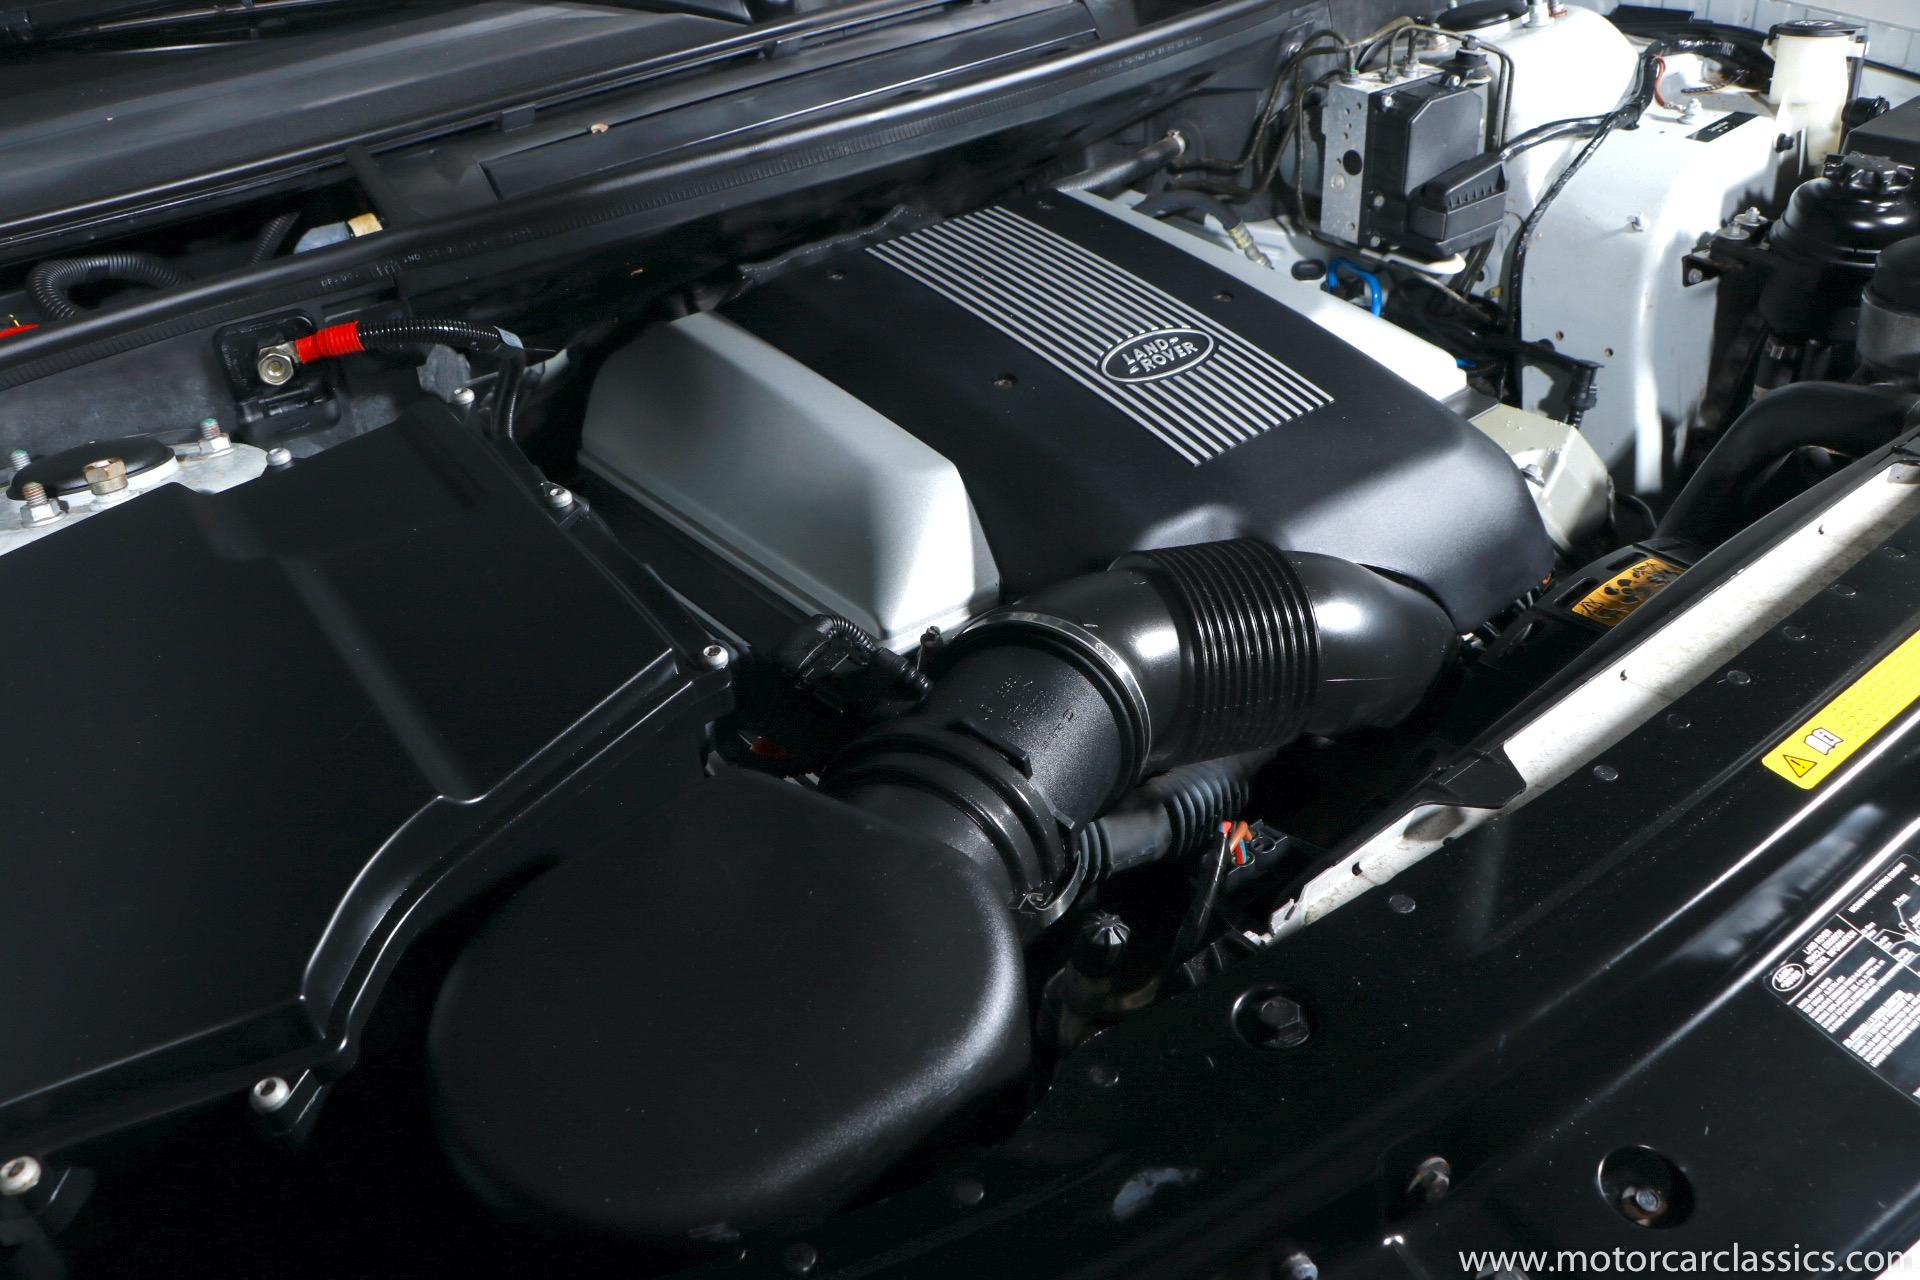 2004 Land Rover Range Rover HSE